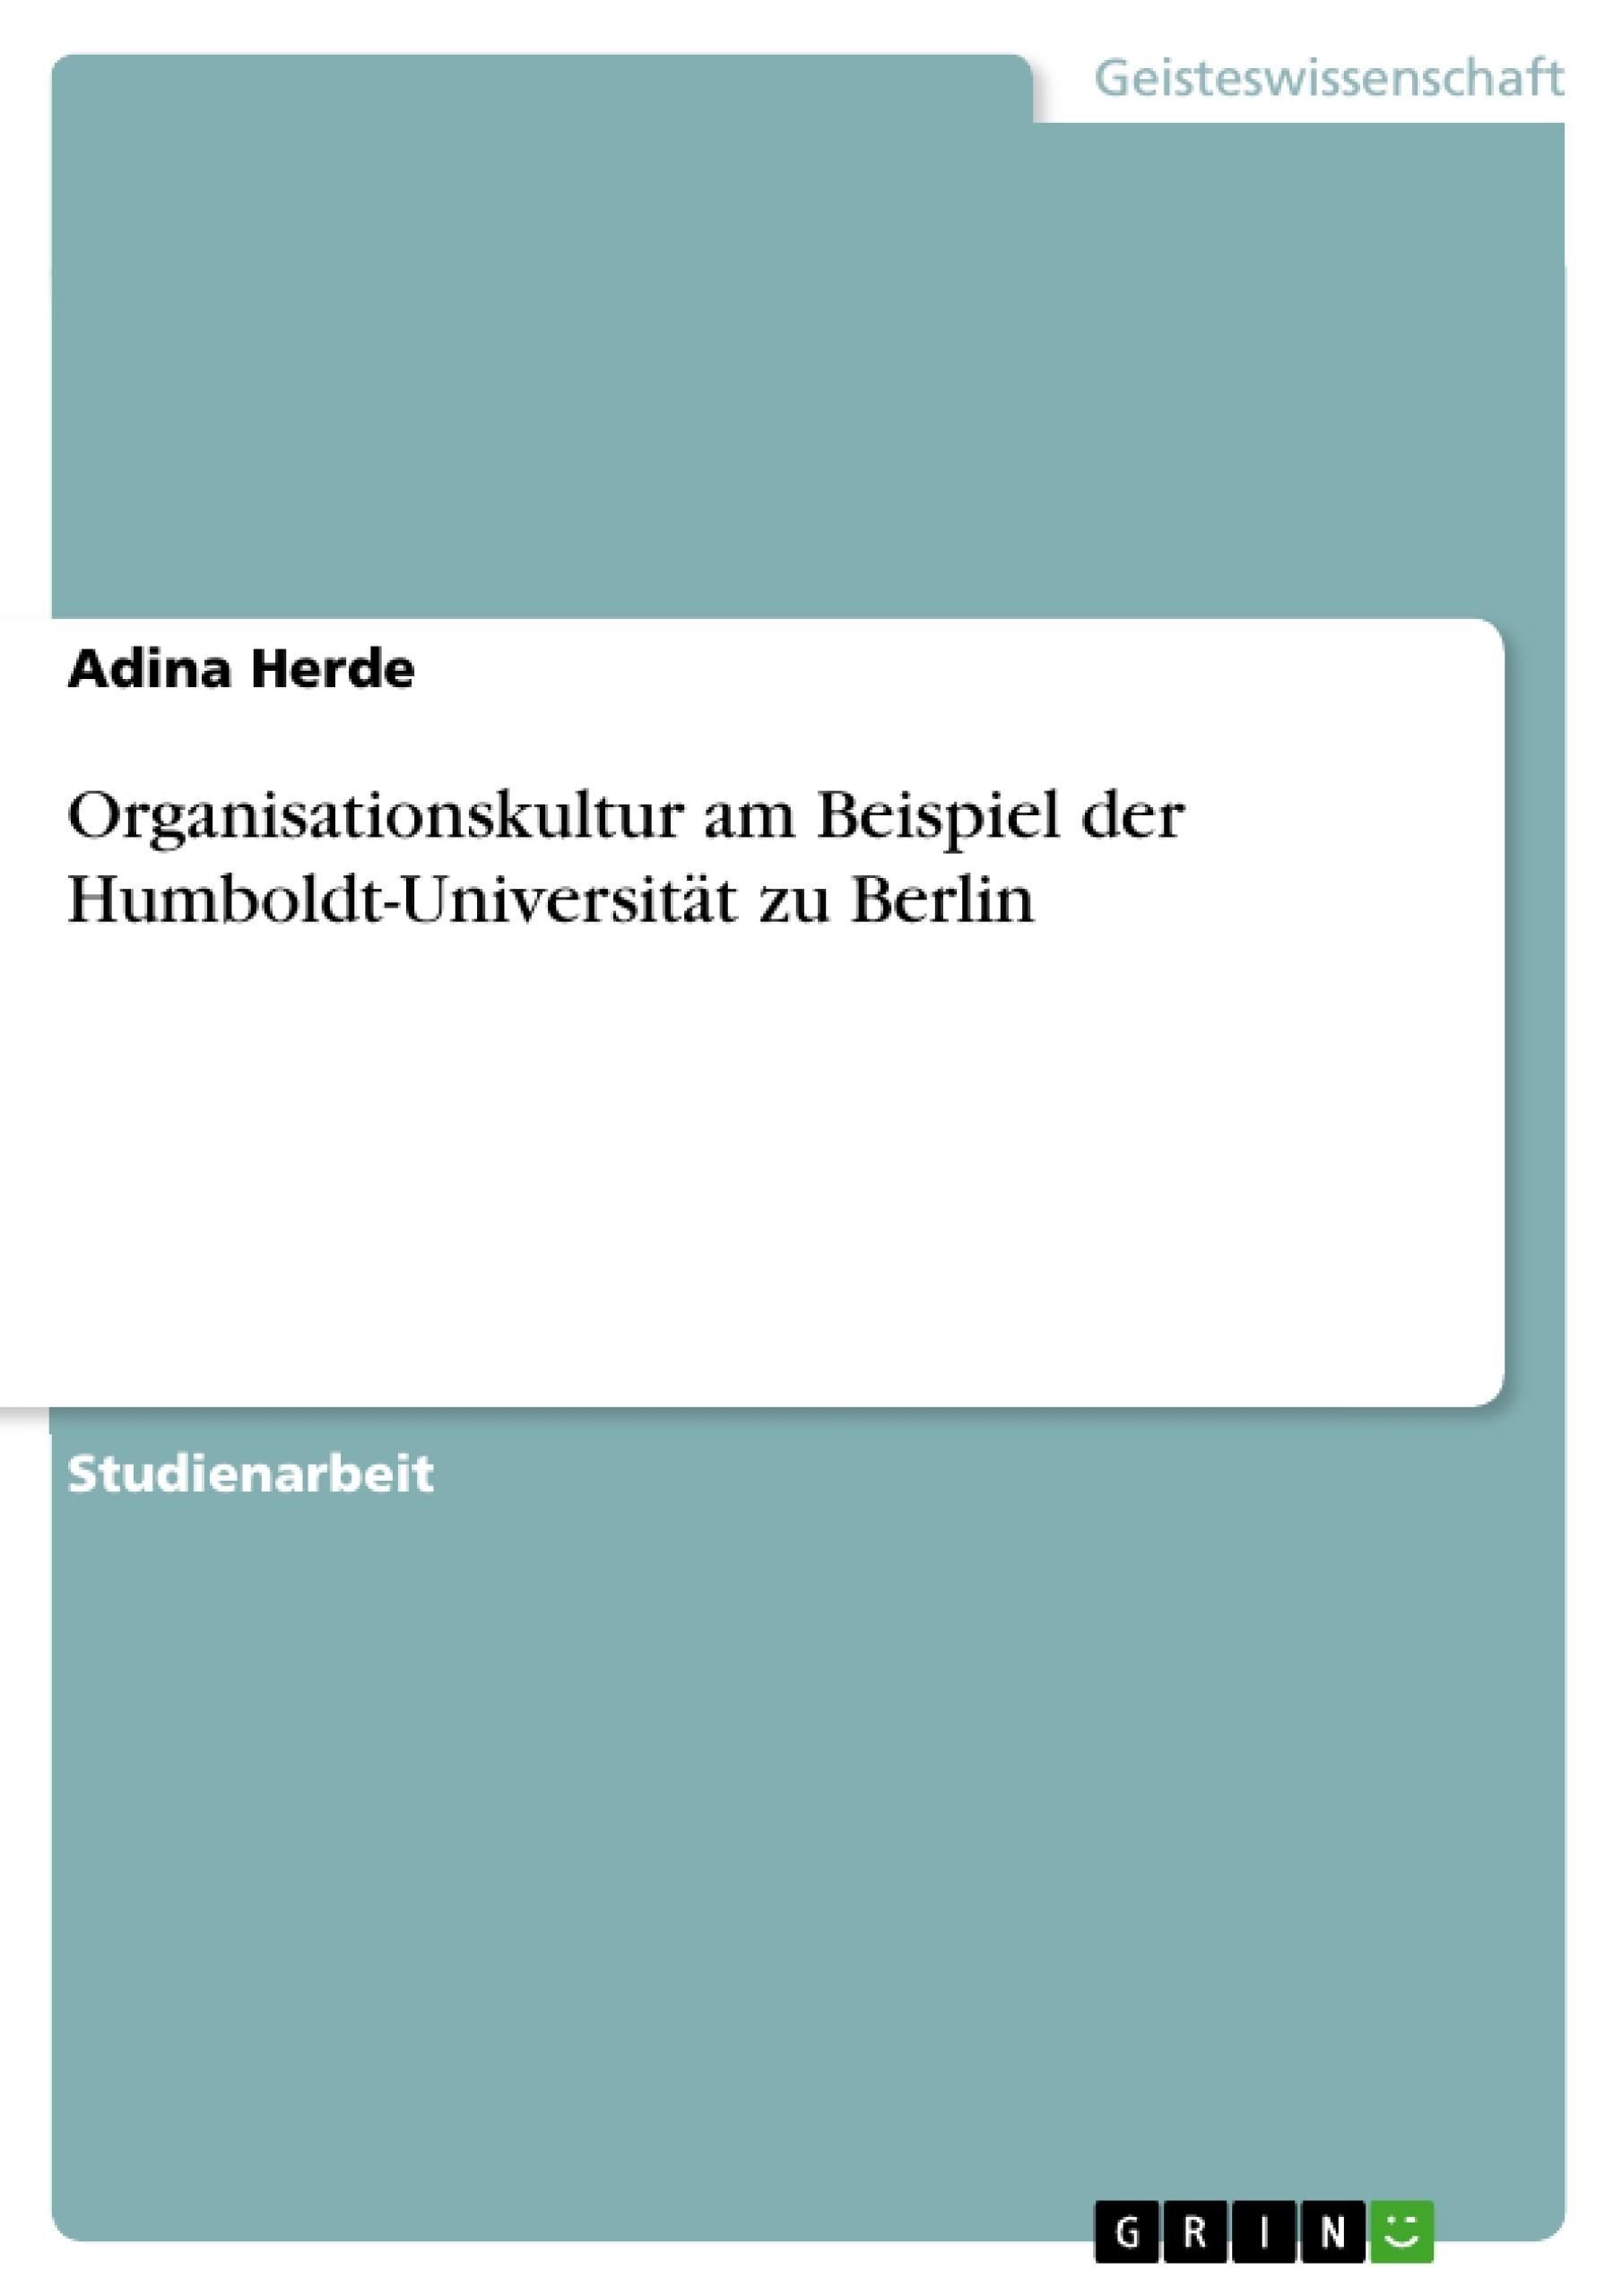 Titel: Organisationskultur am Beispiel der Humboldt-Universität zu Berlin